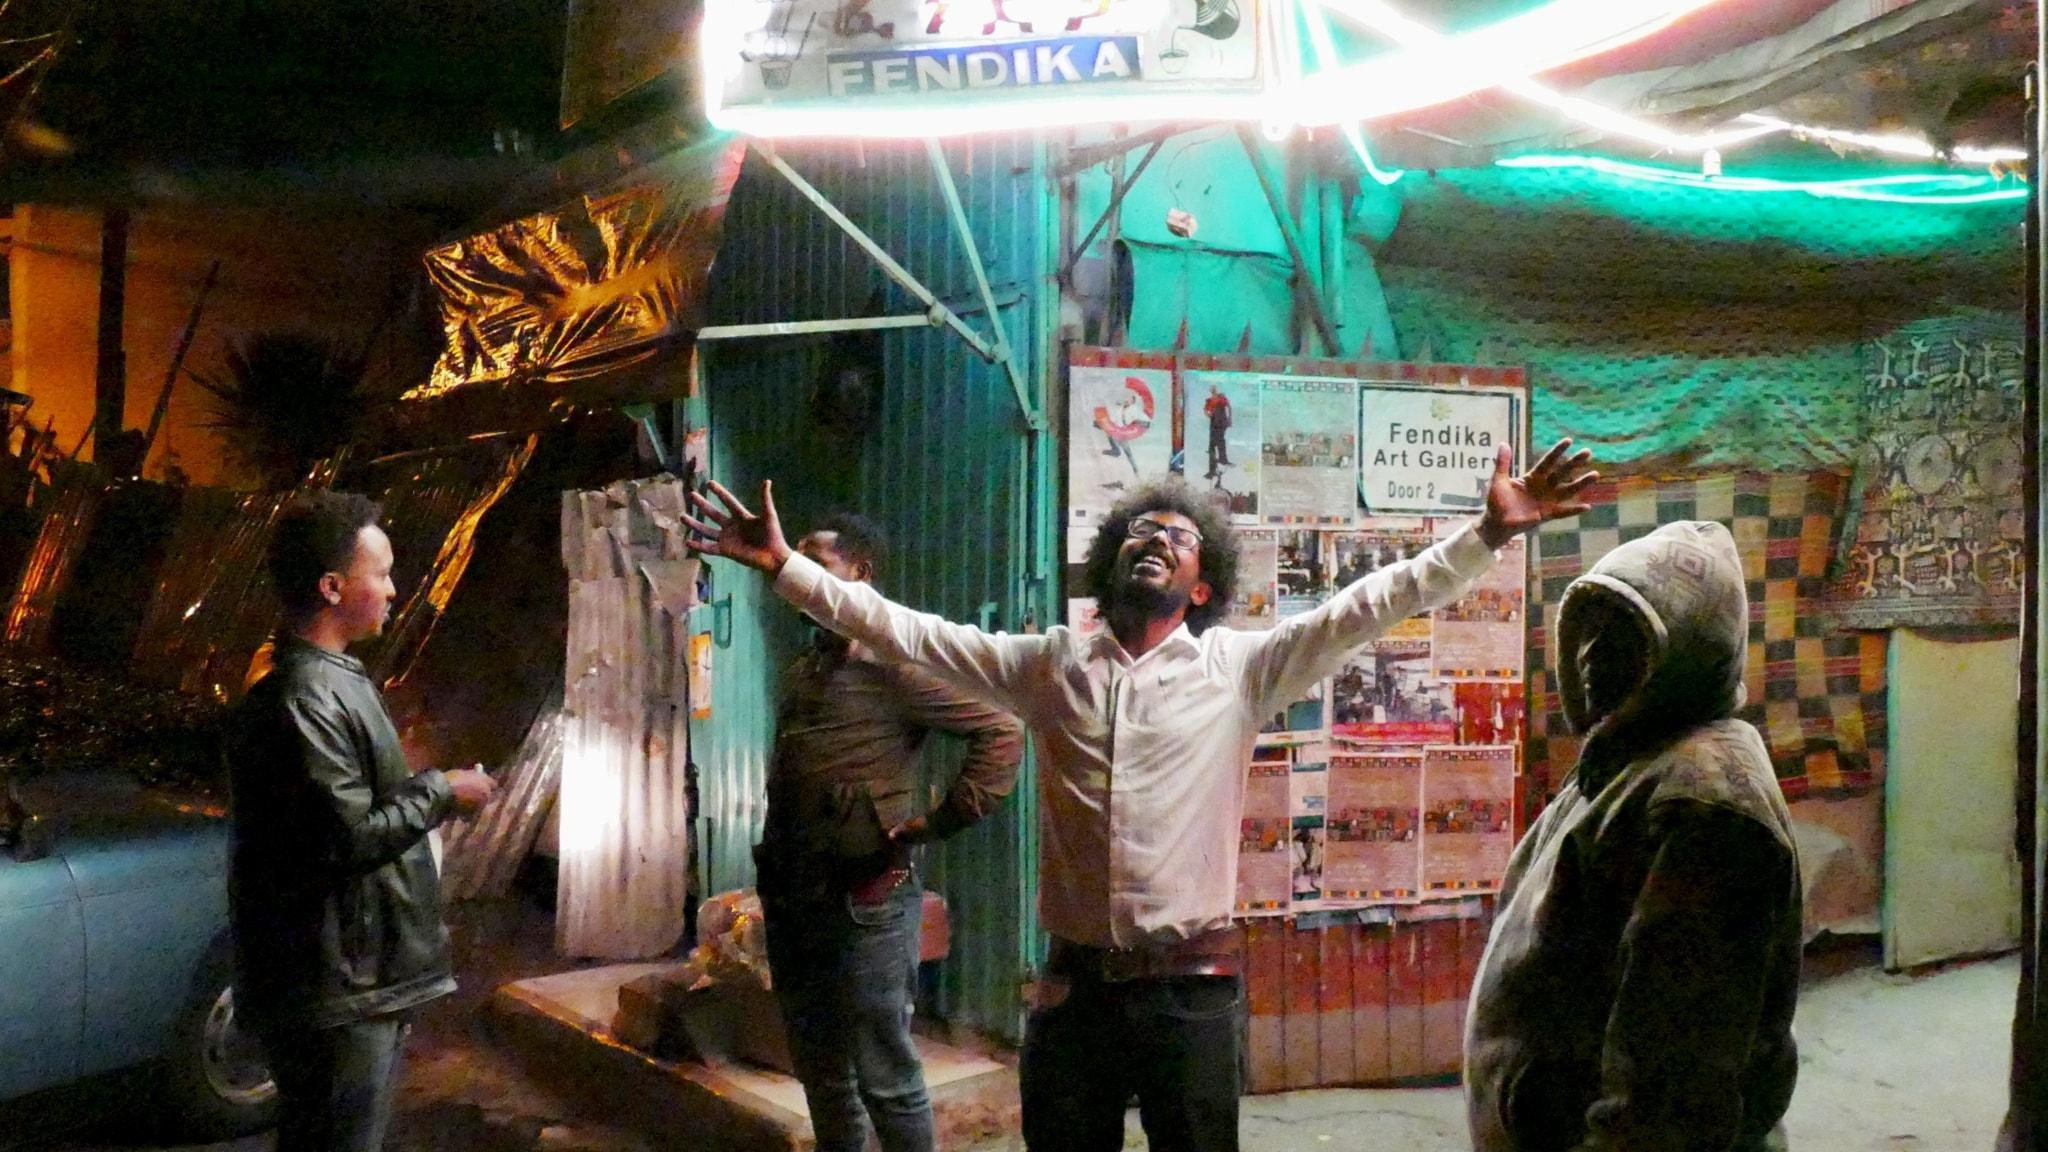 Melaku Belay utanför sin klubb Fendika i Etiopiens huvudstad Addis Abeba. Foto: Lars Lovén.